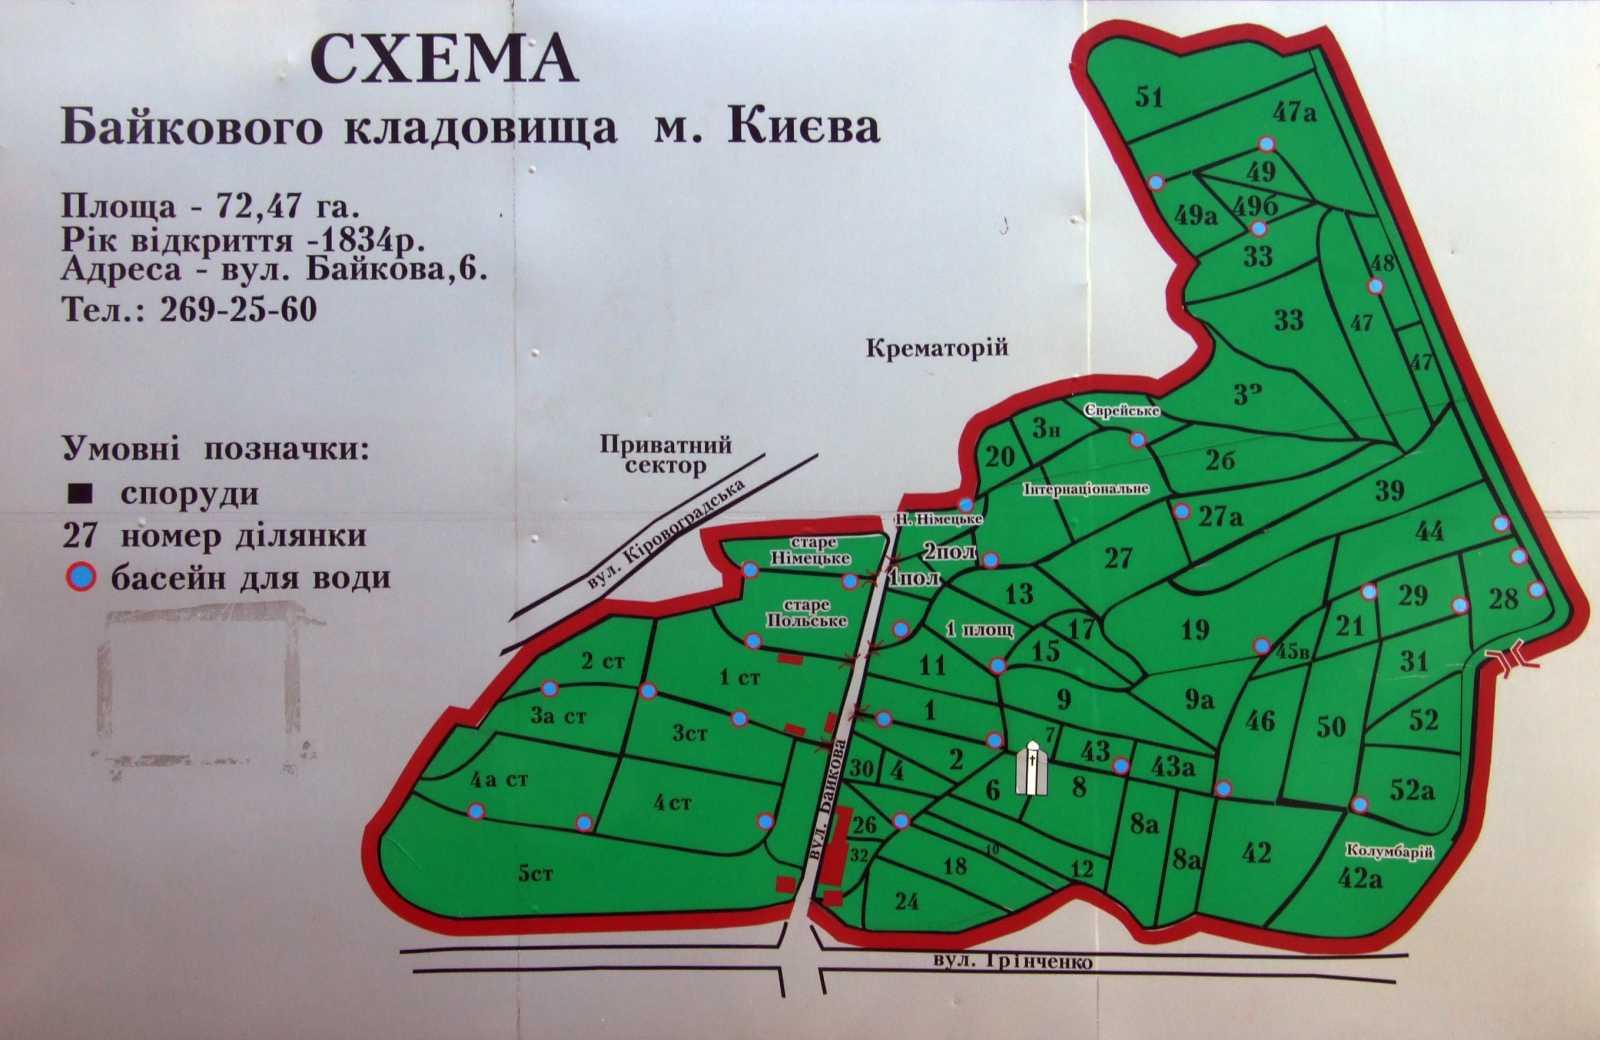 2007 р. Схематичний план